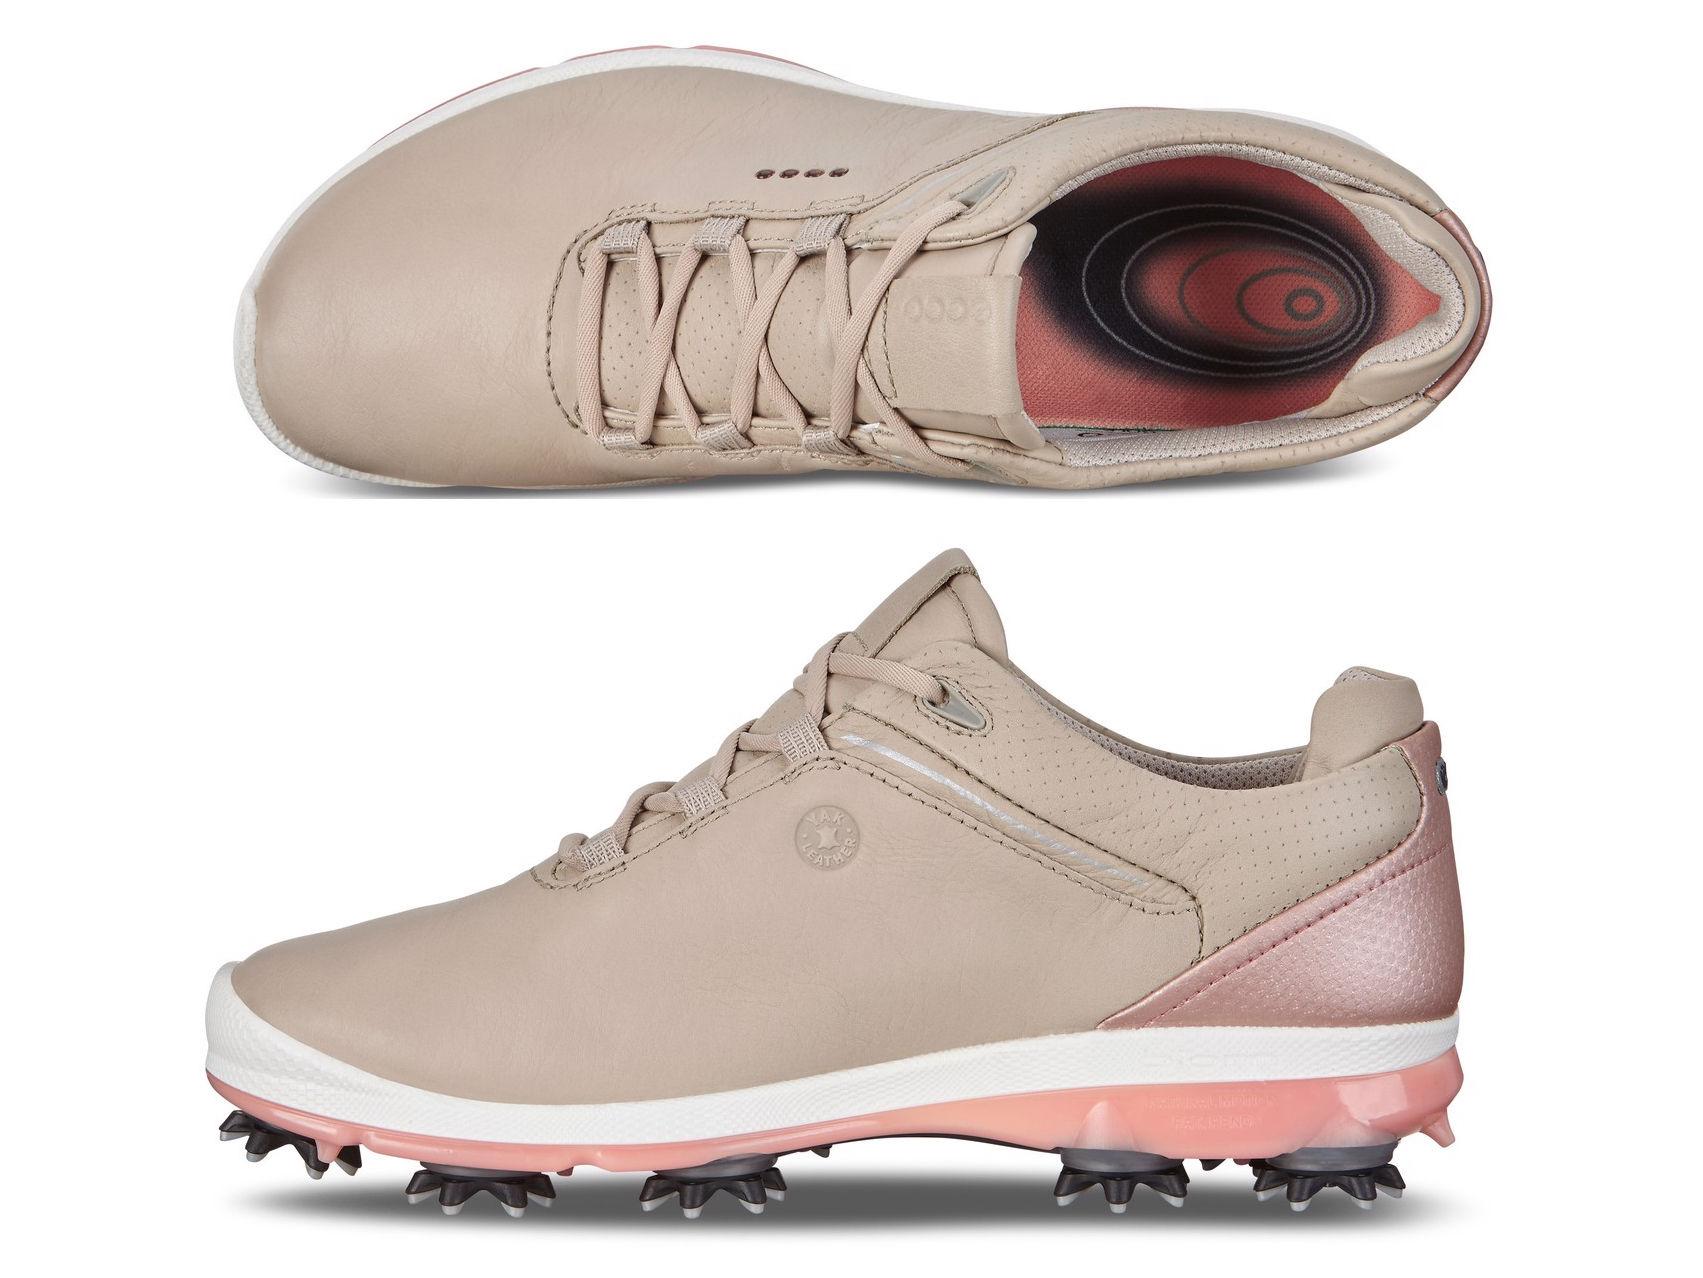 Giày golf Ecco